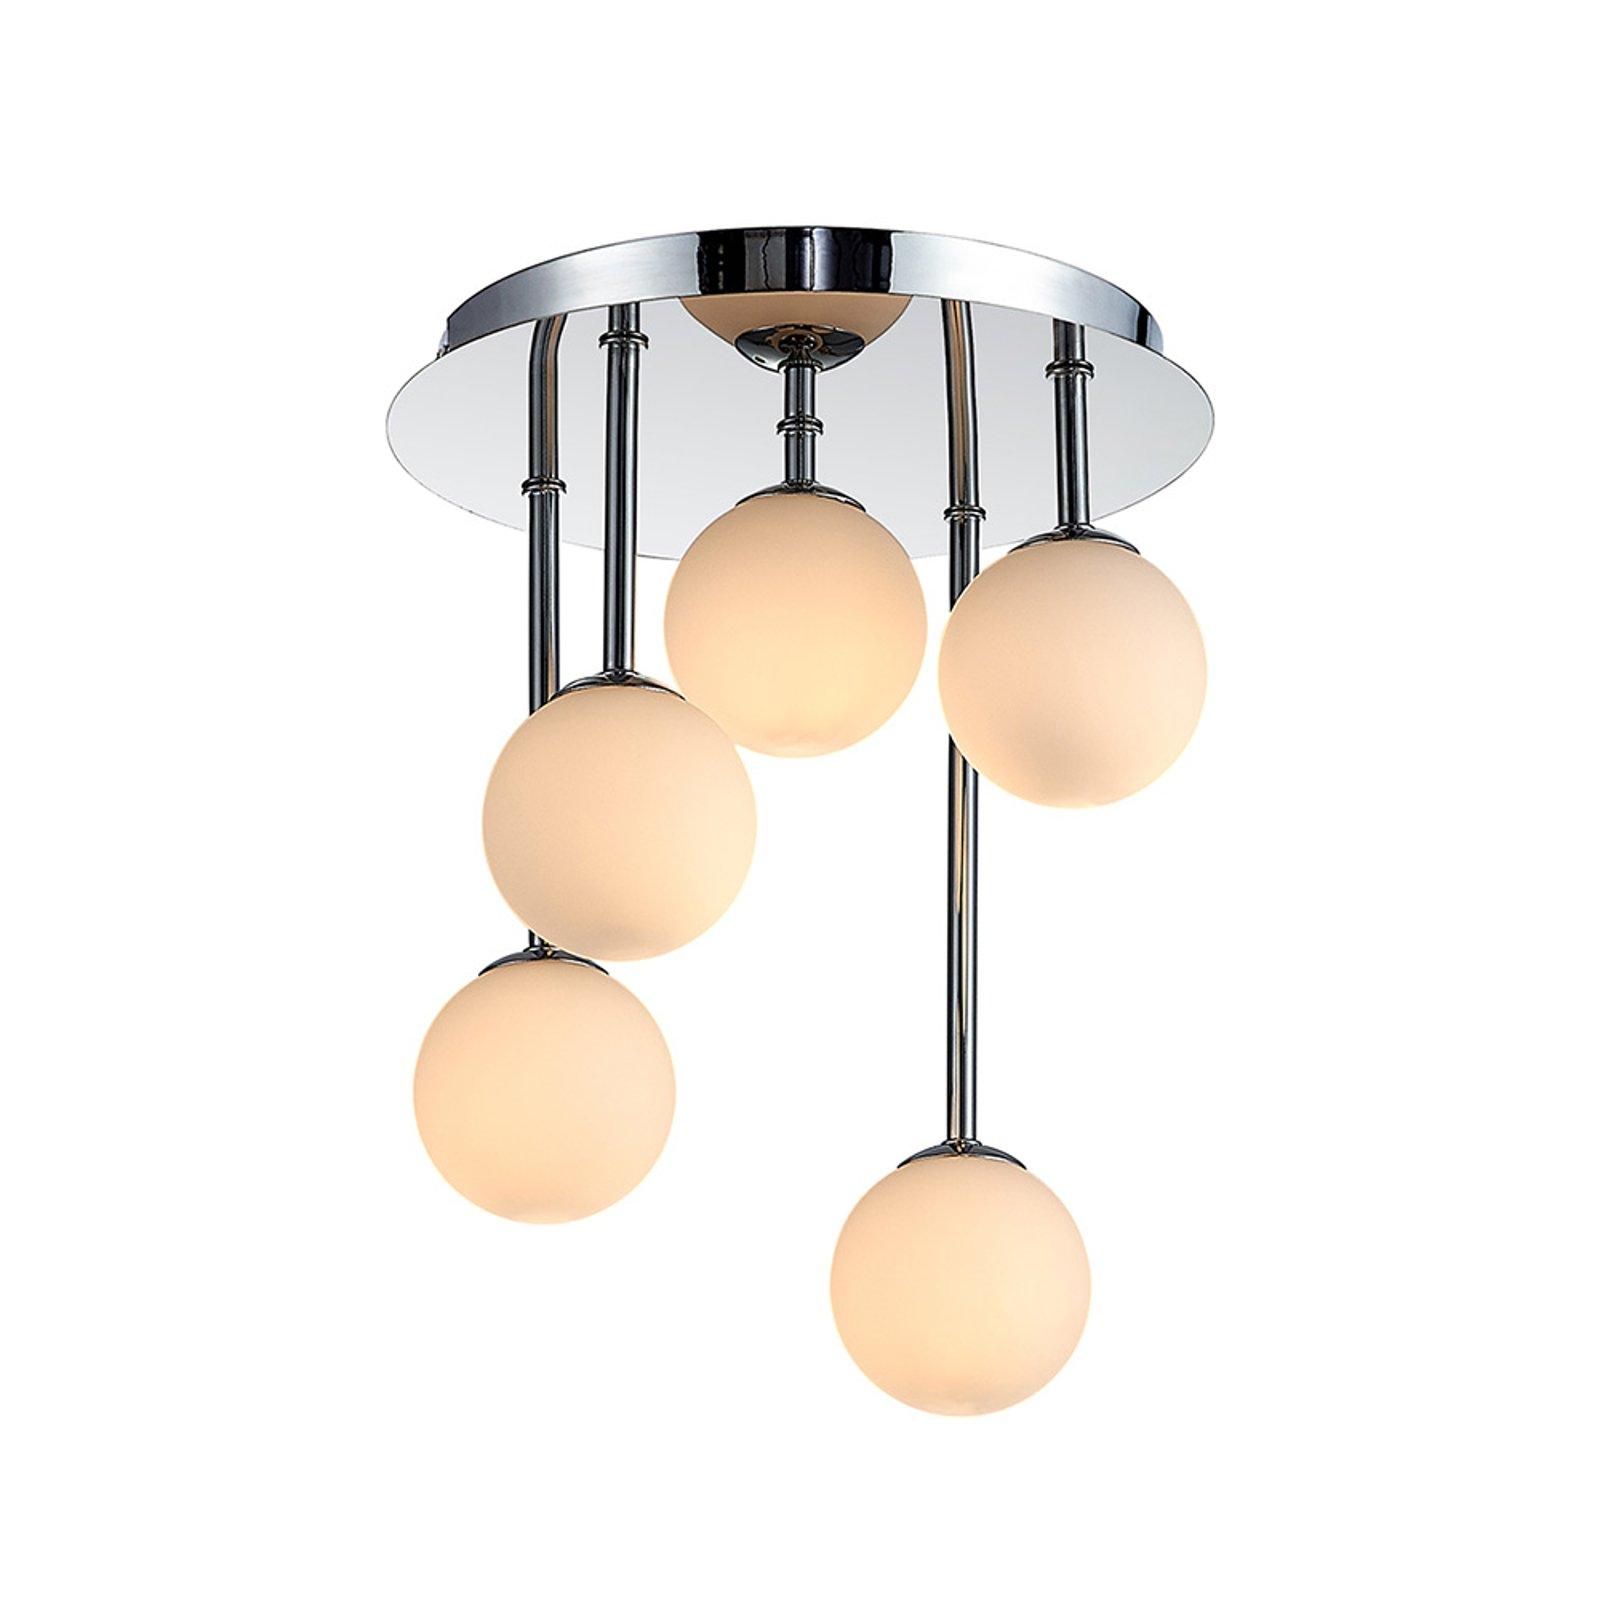 Lindby Chrissy taklampe, 5 lyskilder, 25 cm